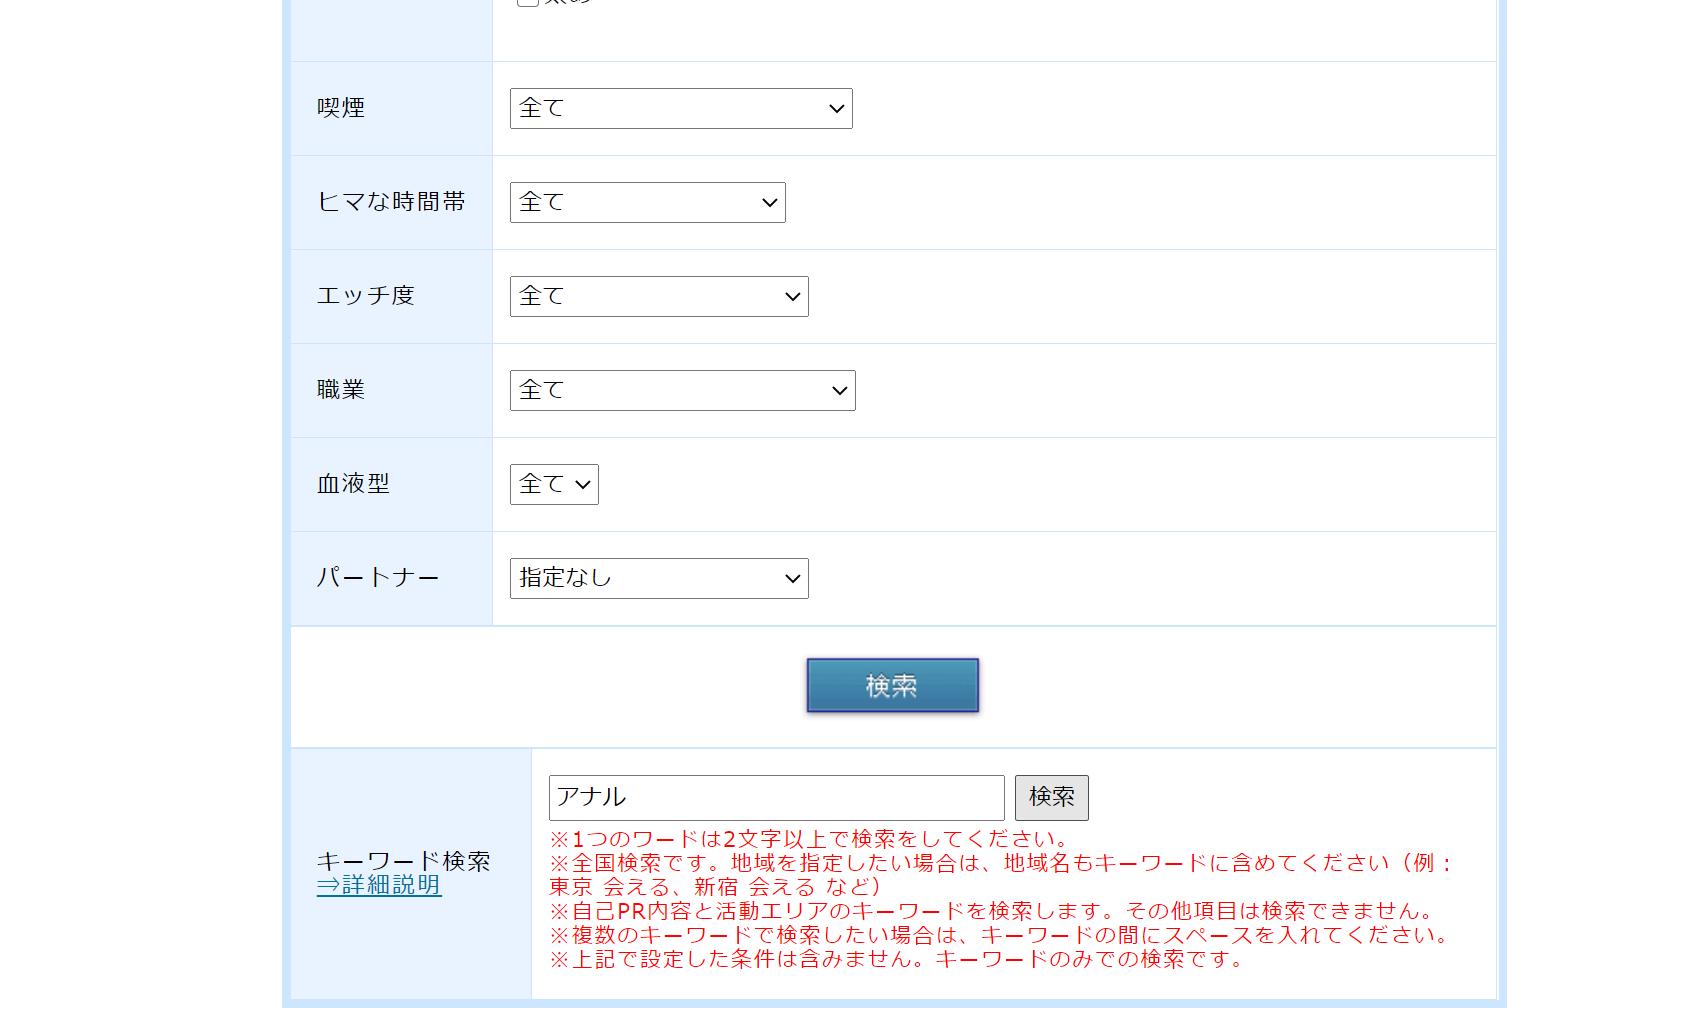 アナルセックスしたいときに使うPCMAXのプロフィール検索